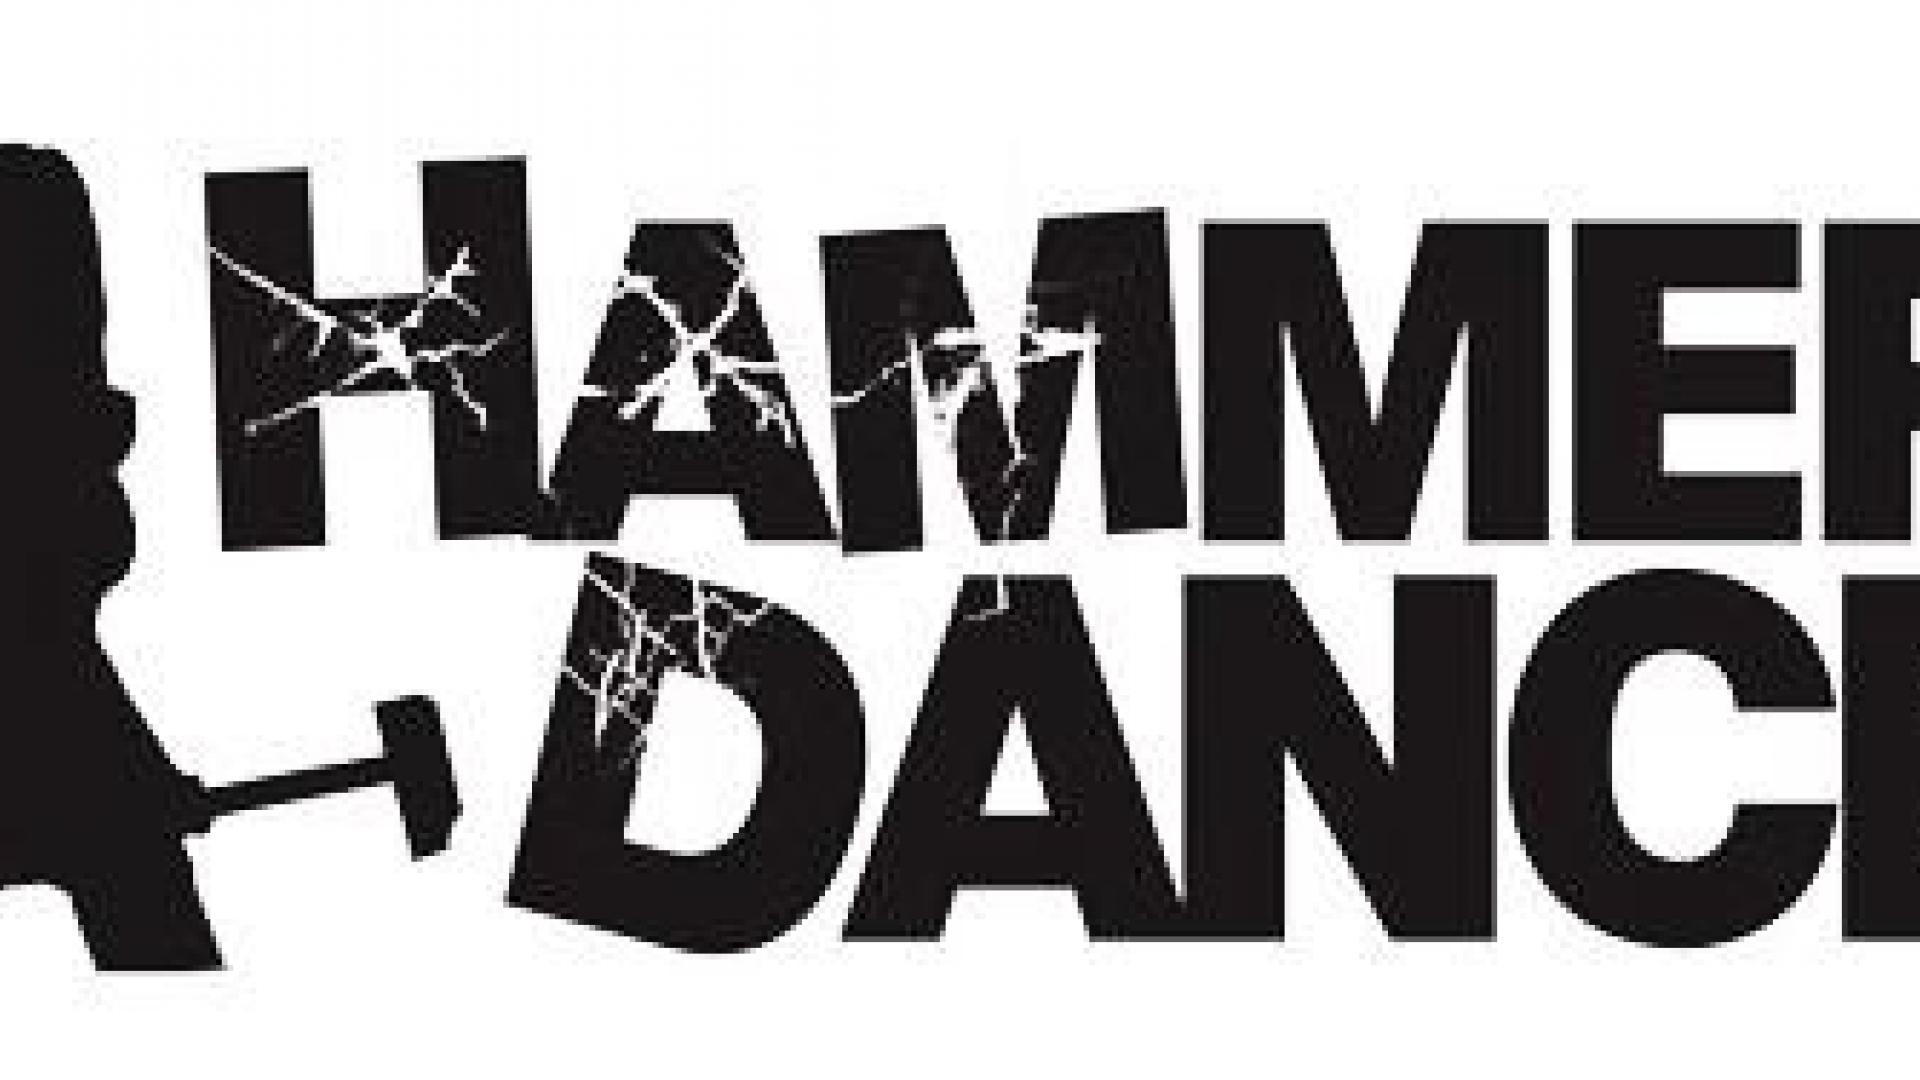 Hammer dance в Караоке стар